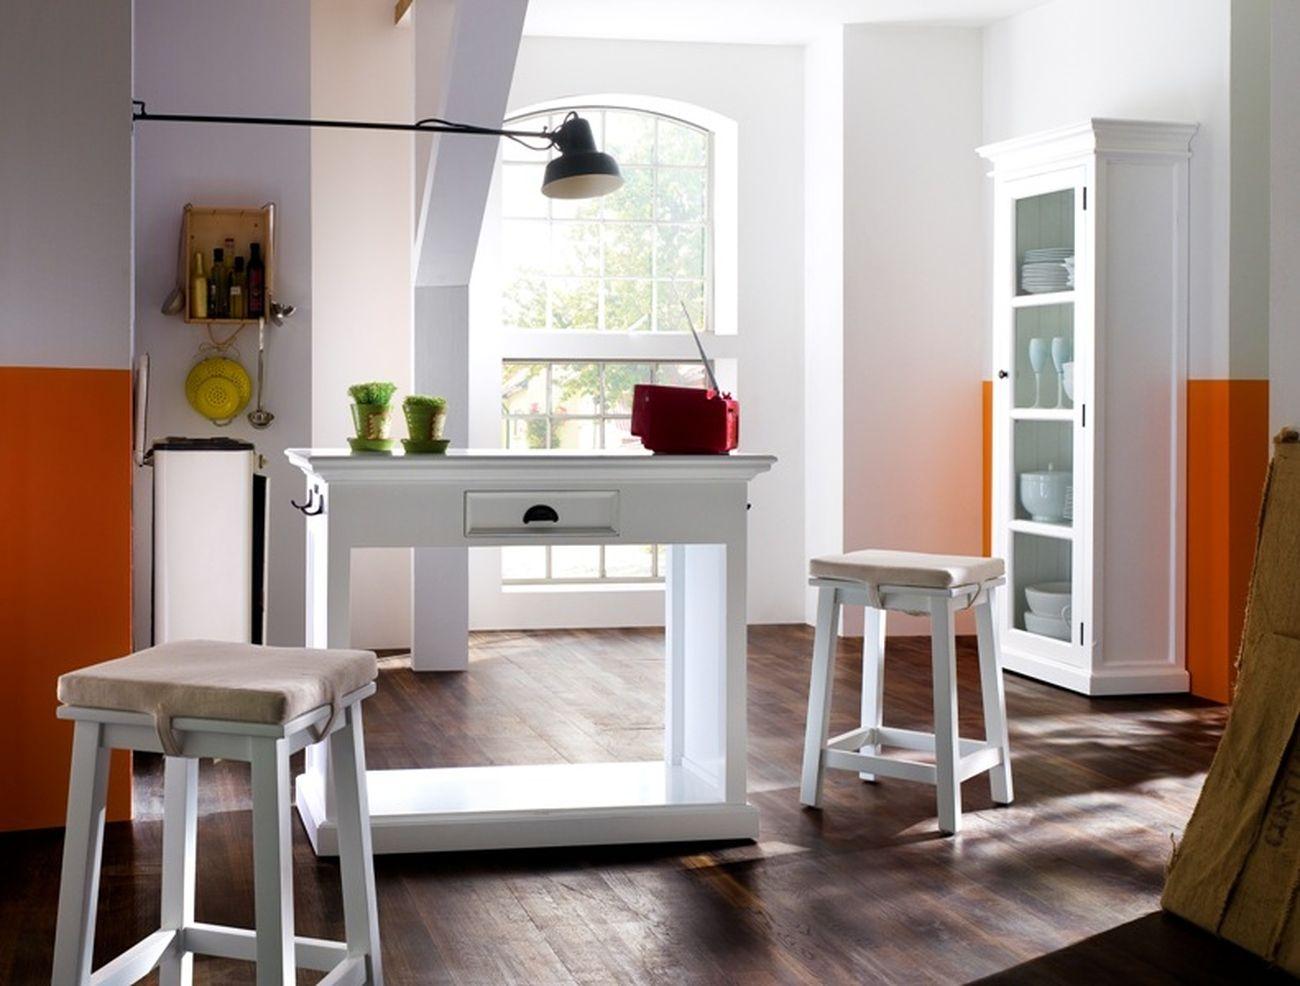 Küchentheke HALIFAX mit 2 Hocker & Polster von Nova Solo I ...